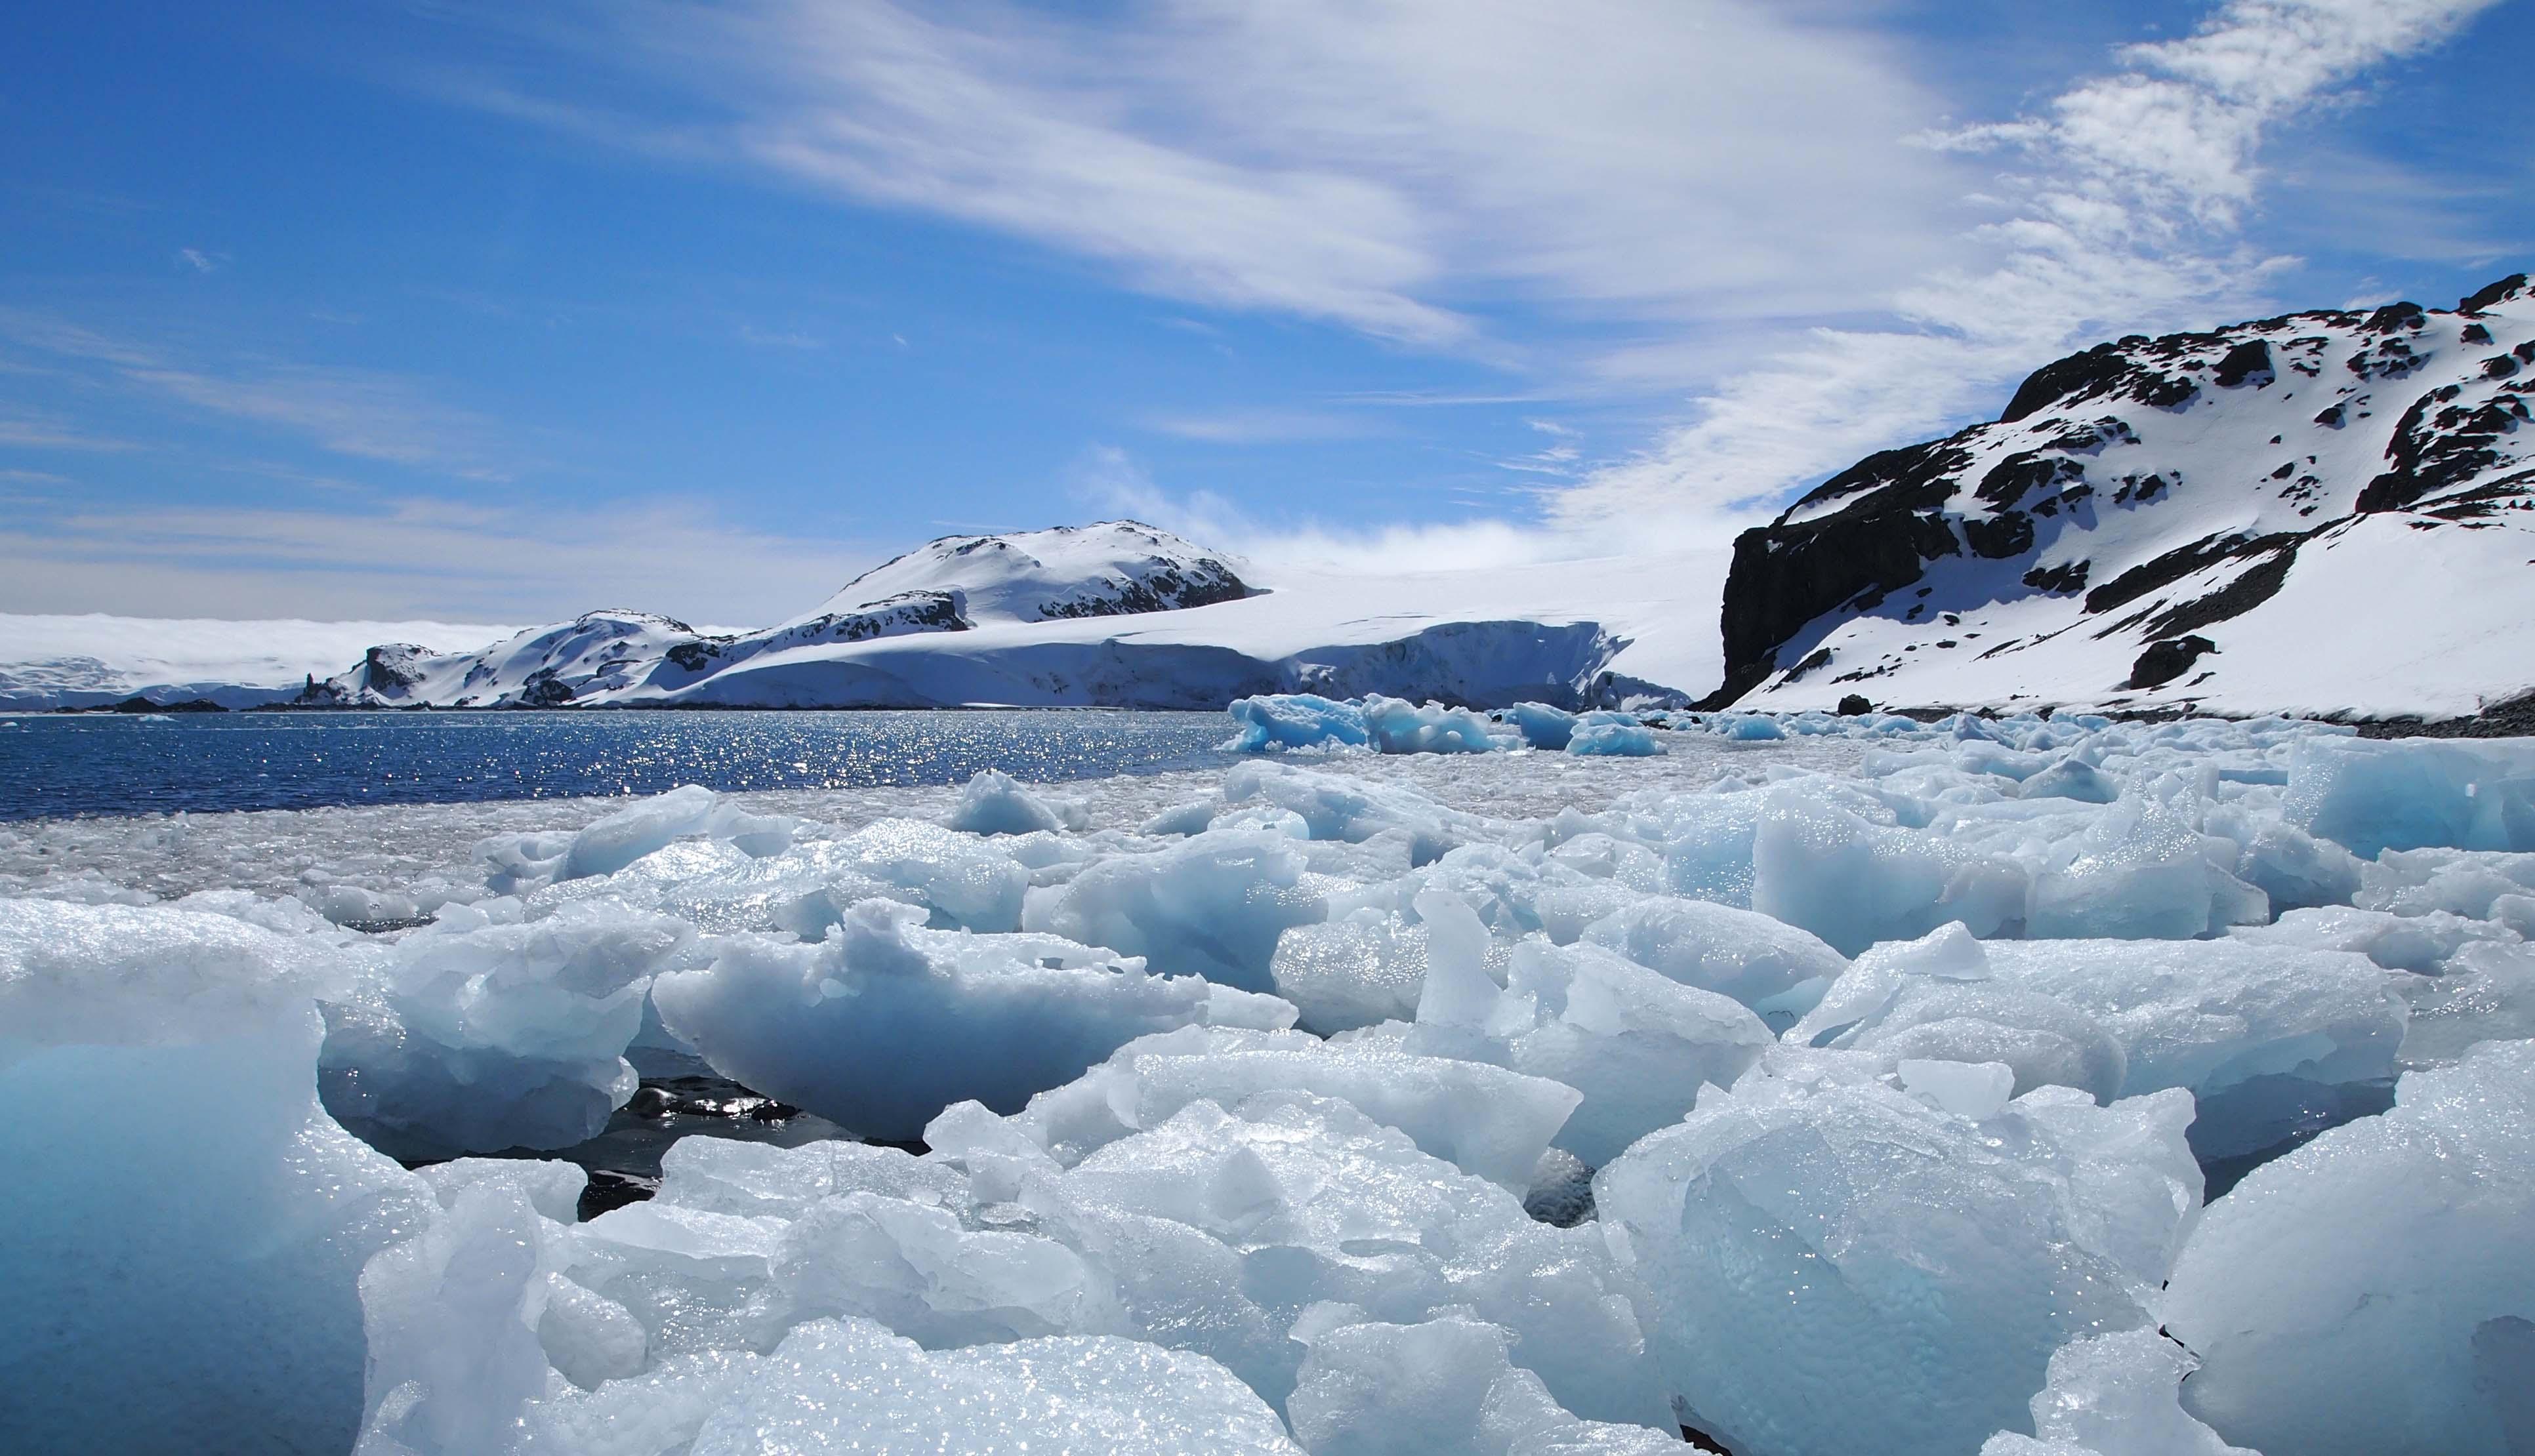 Capa de hielo de la capa de la Antártida Oriental, la más grande del planeta con una superficie de unas 21 veces España. Imagen: CSIC - IODP